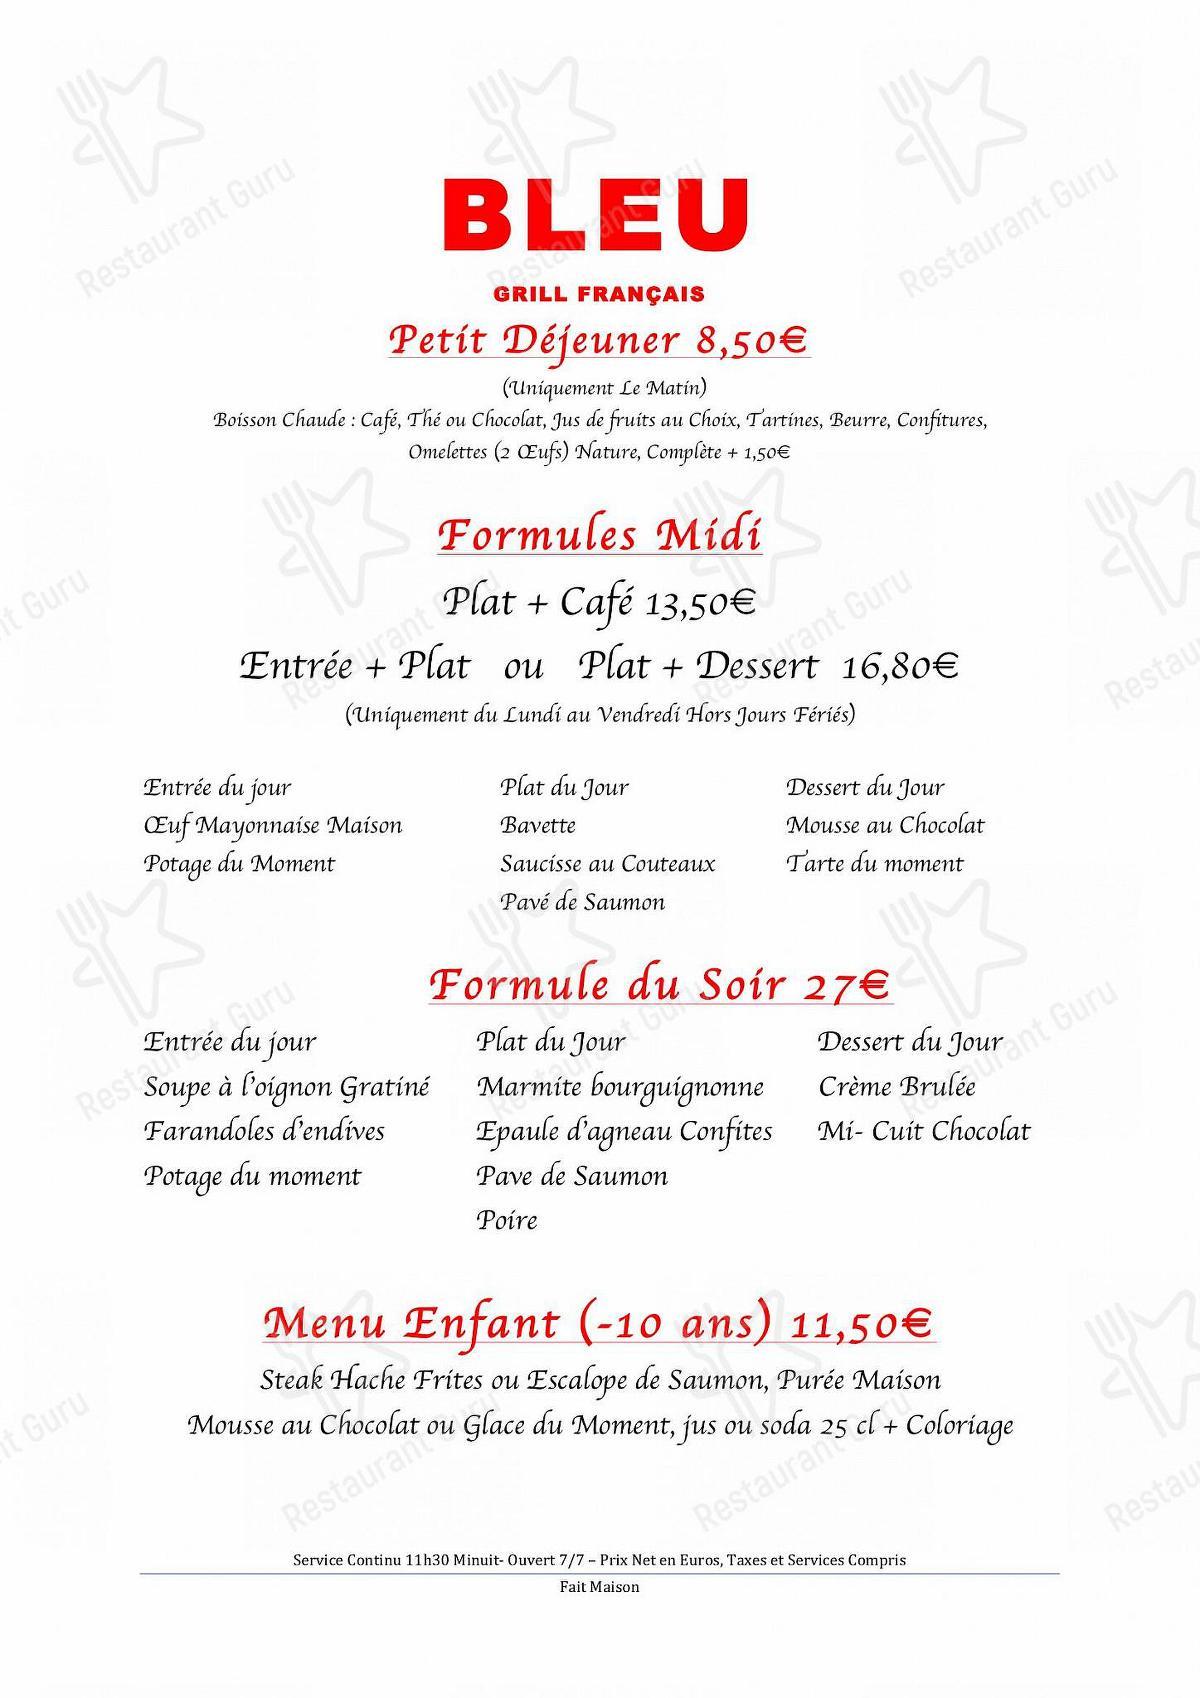 Menu pour Restaurant Bleu Grill Français bbq